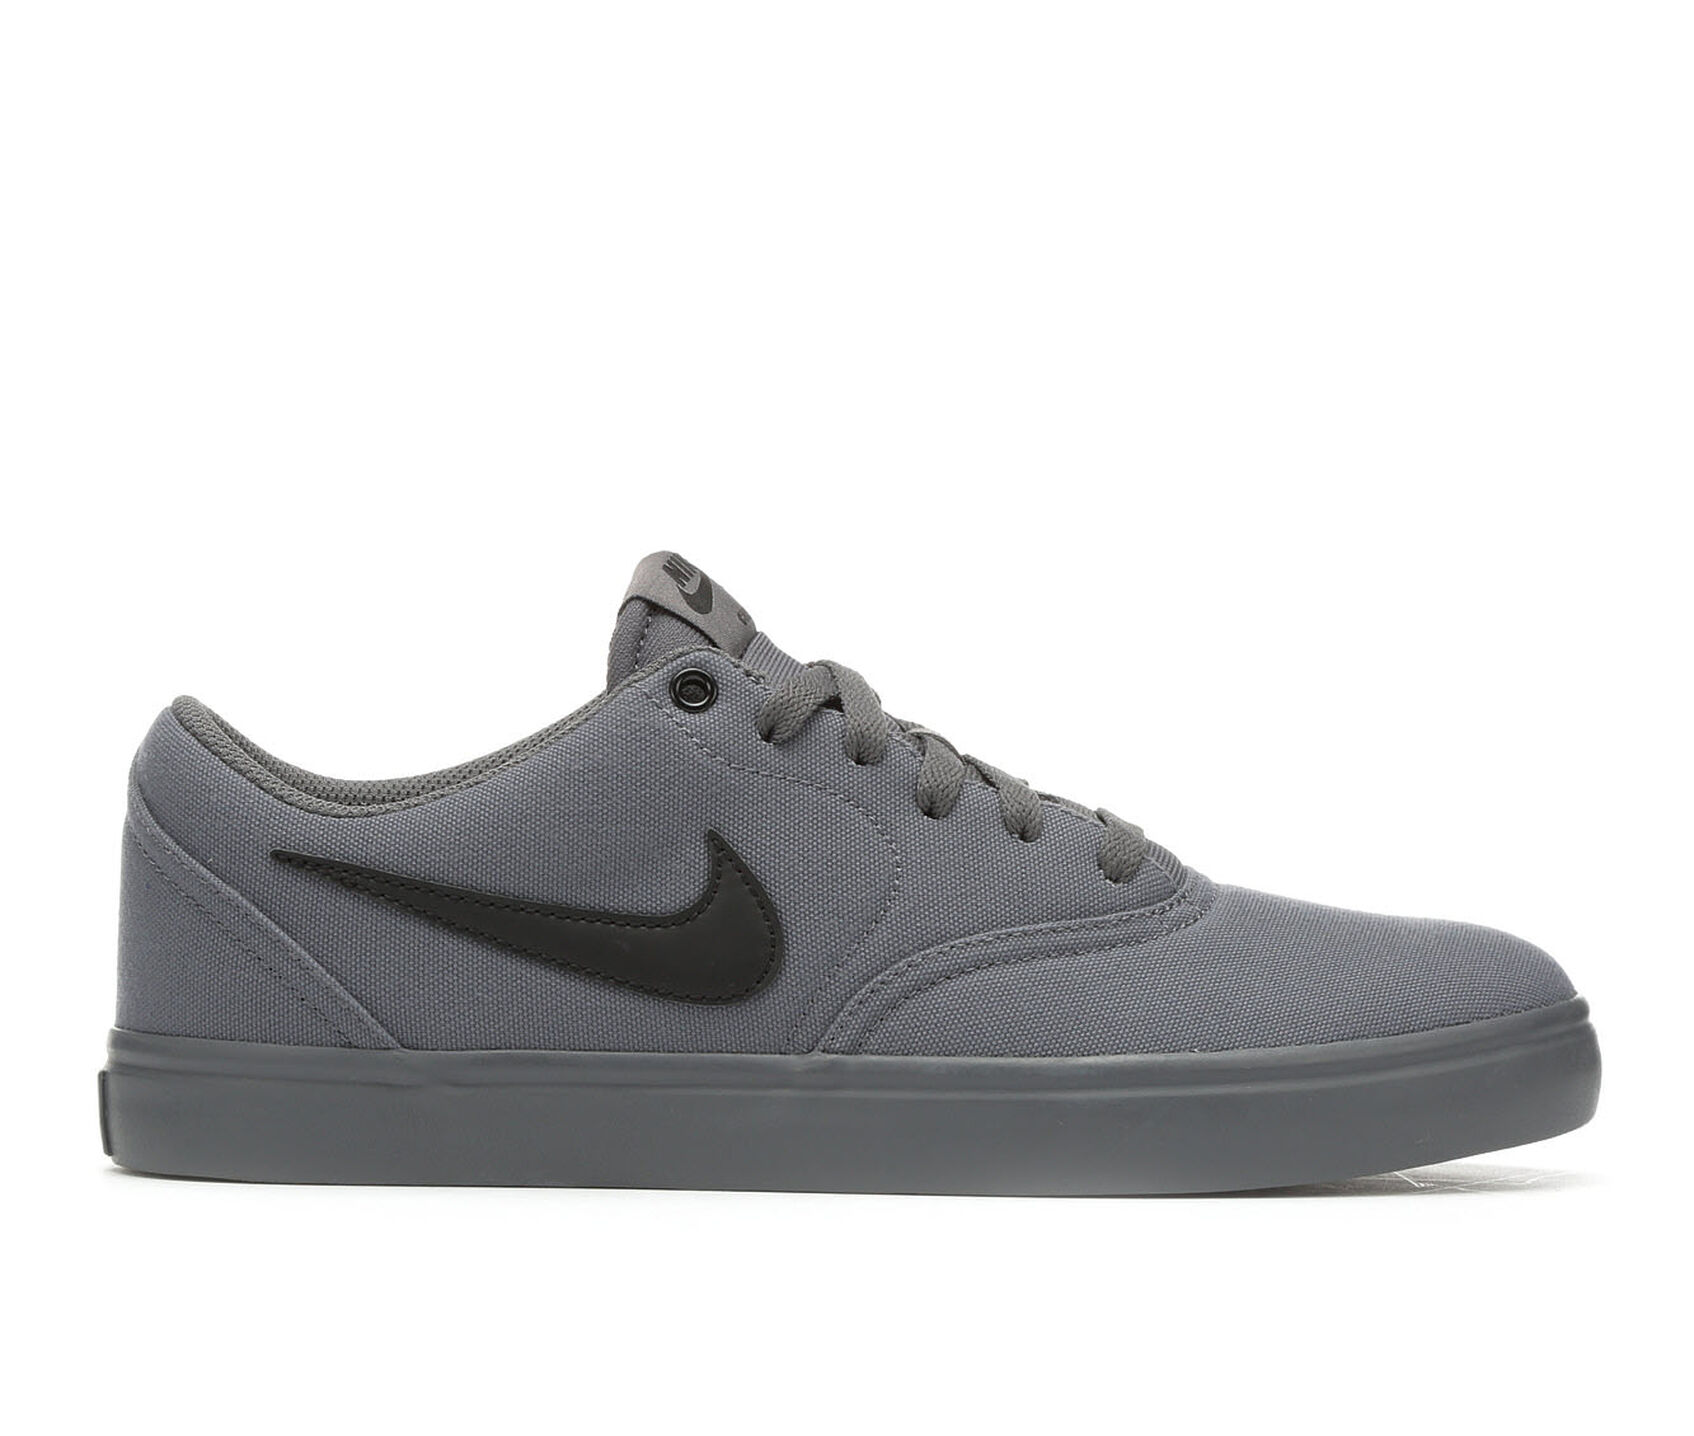 ee475765aac ... SB Check Solar Canvas Skate Shoes. Previous